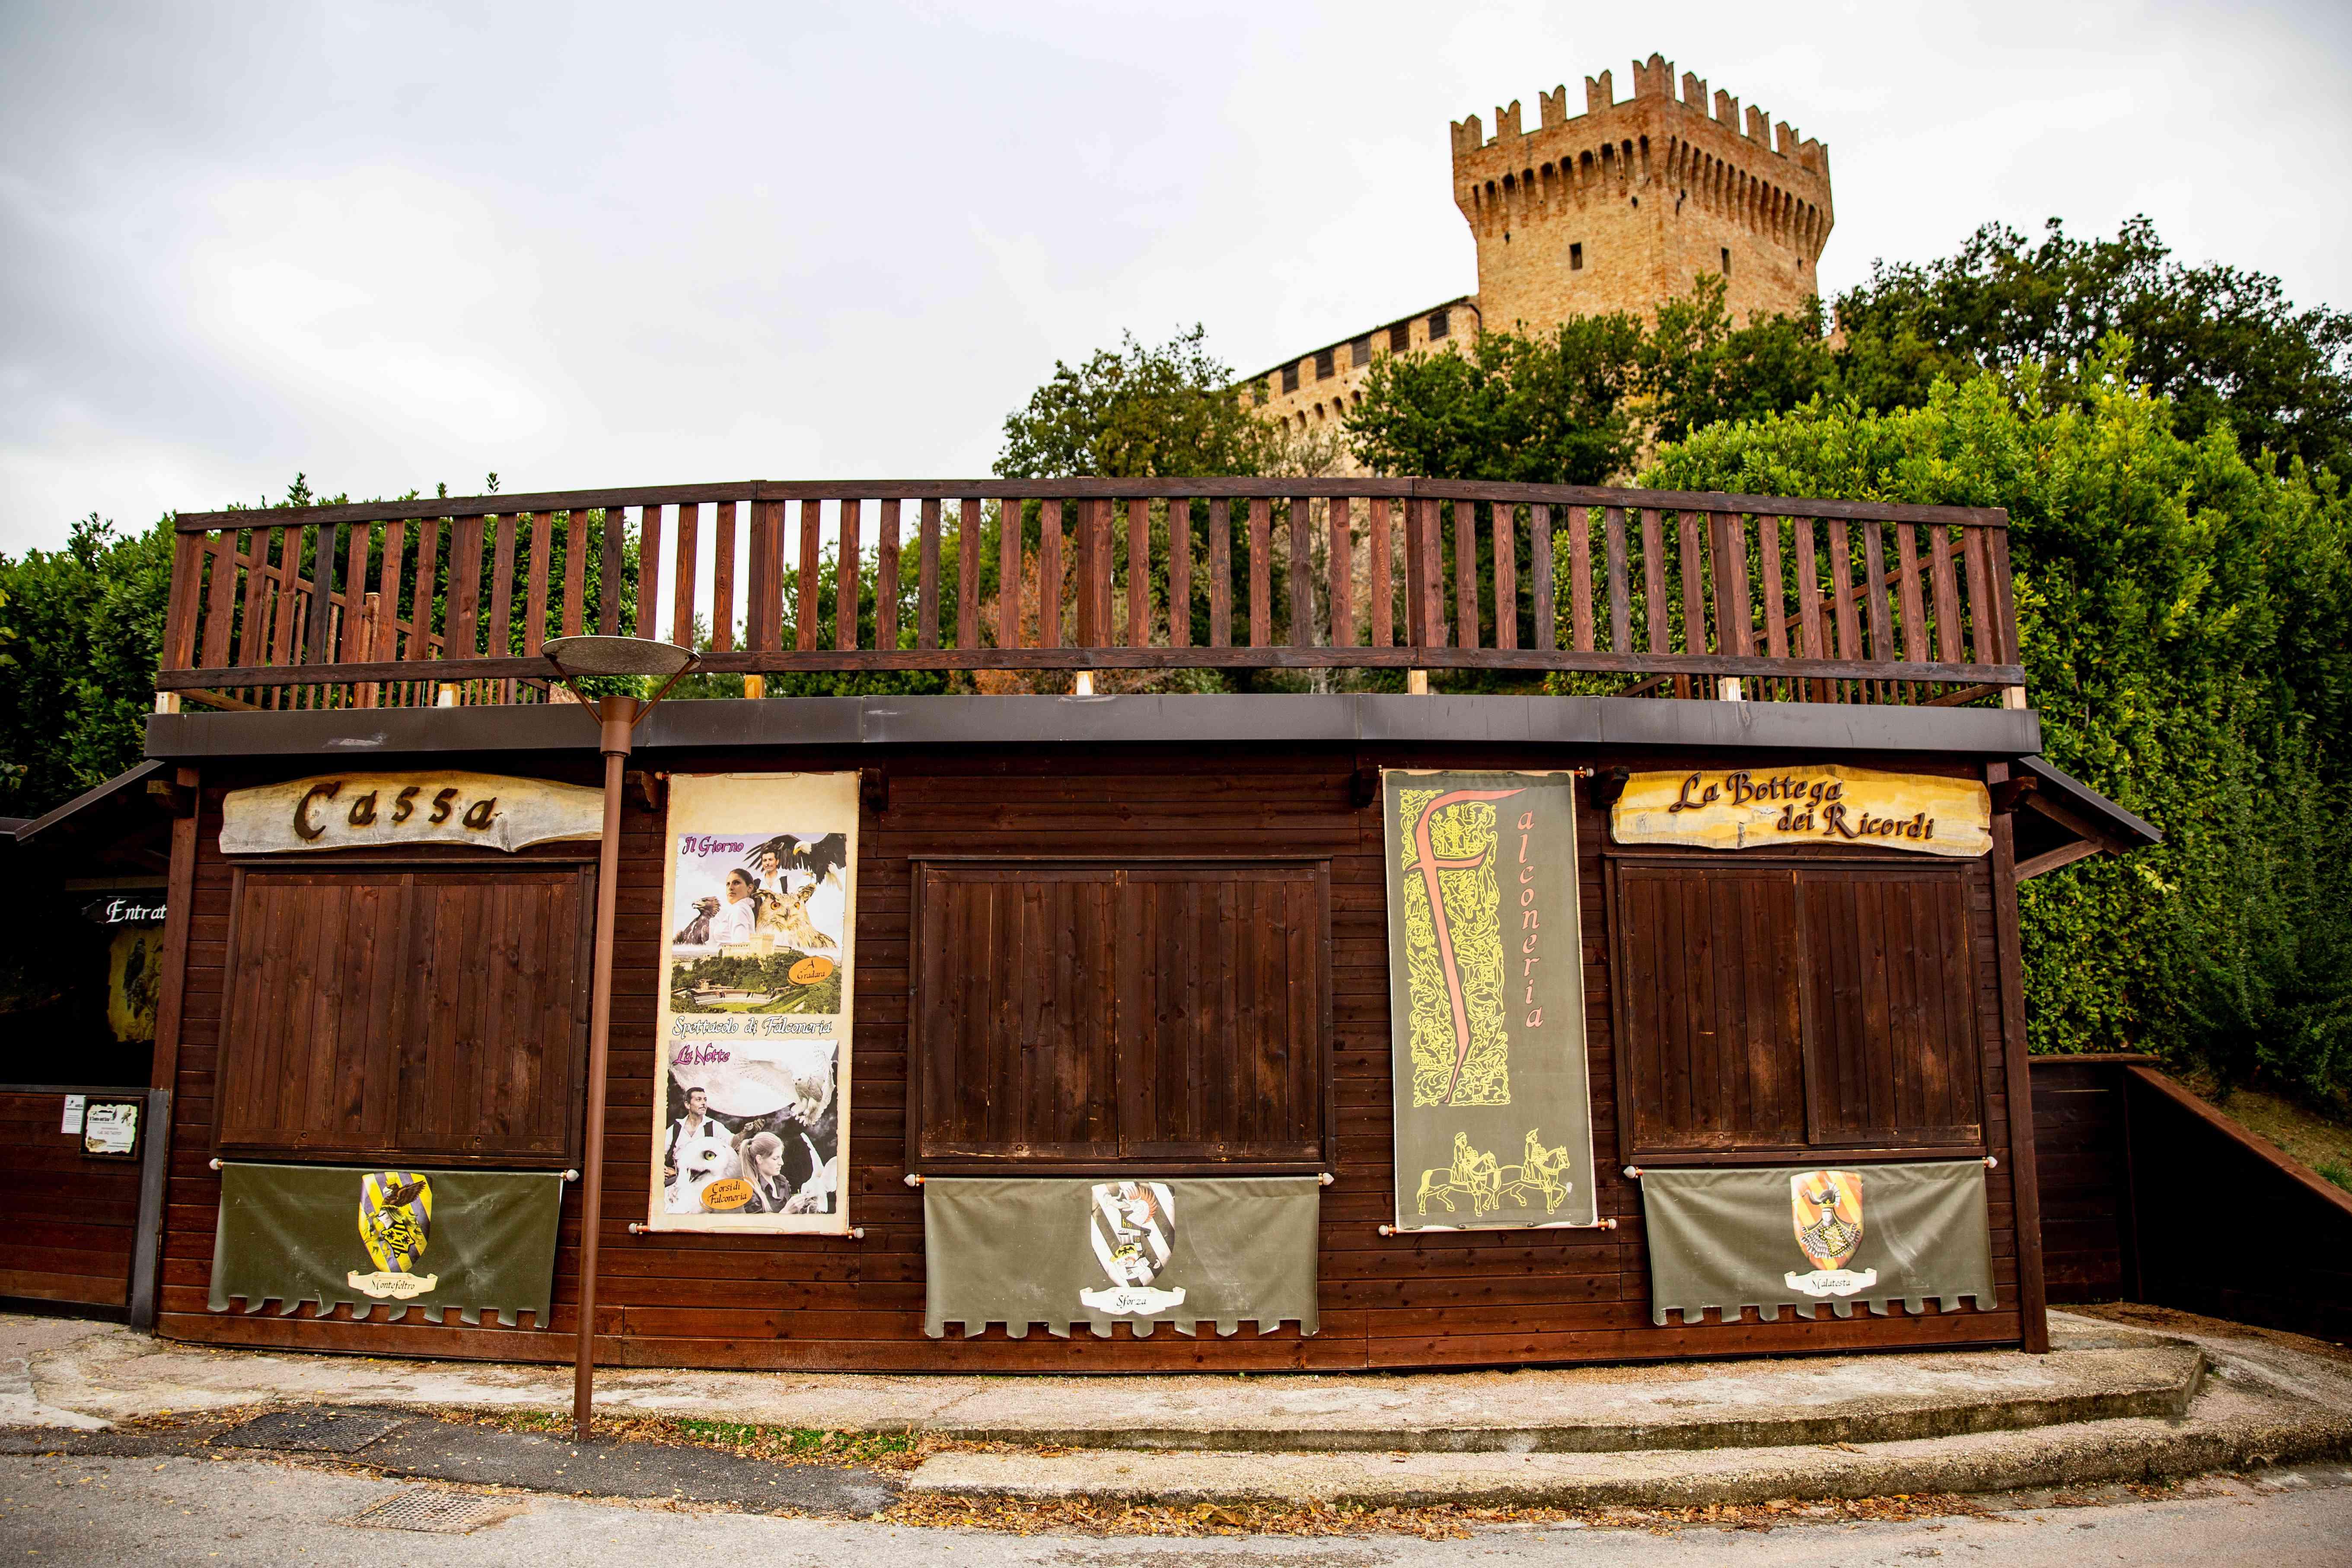 Il Teatro dell'Aria in Pesaro